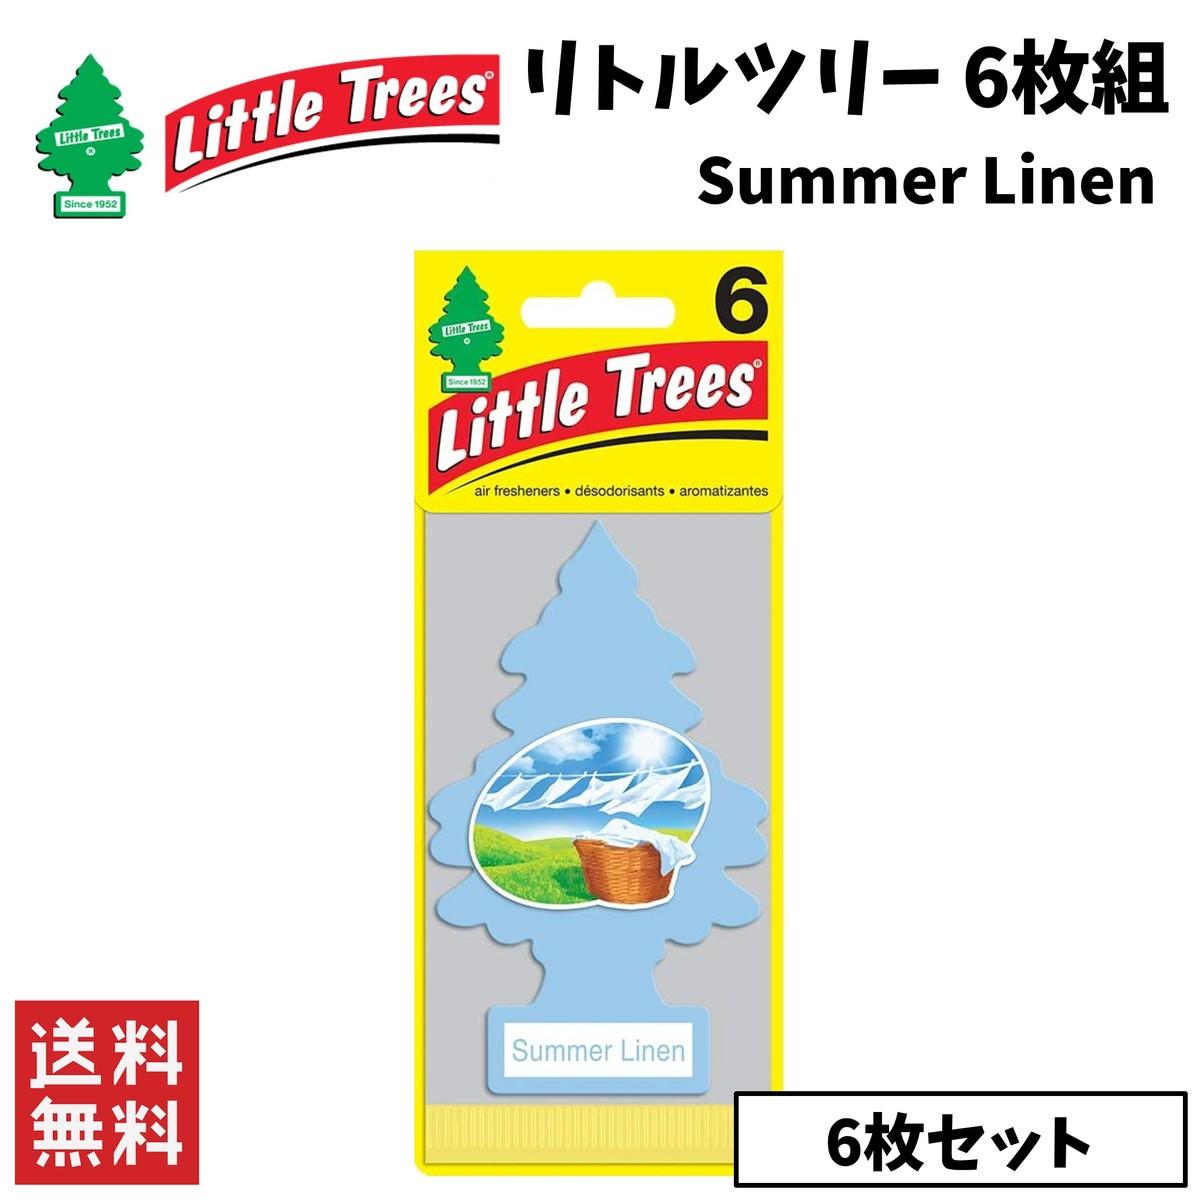 エアフレッシュナー いつでも送料無料 着後レビューで 送料無料 Little Trees リトルツリー カー用品 サマーリネン 6枚組 芳香剤